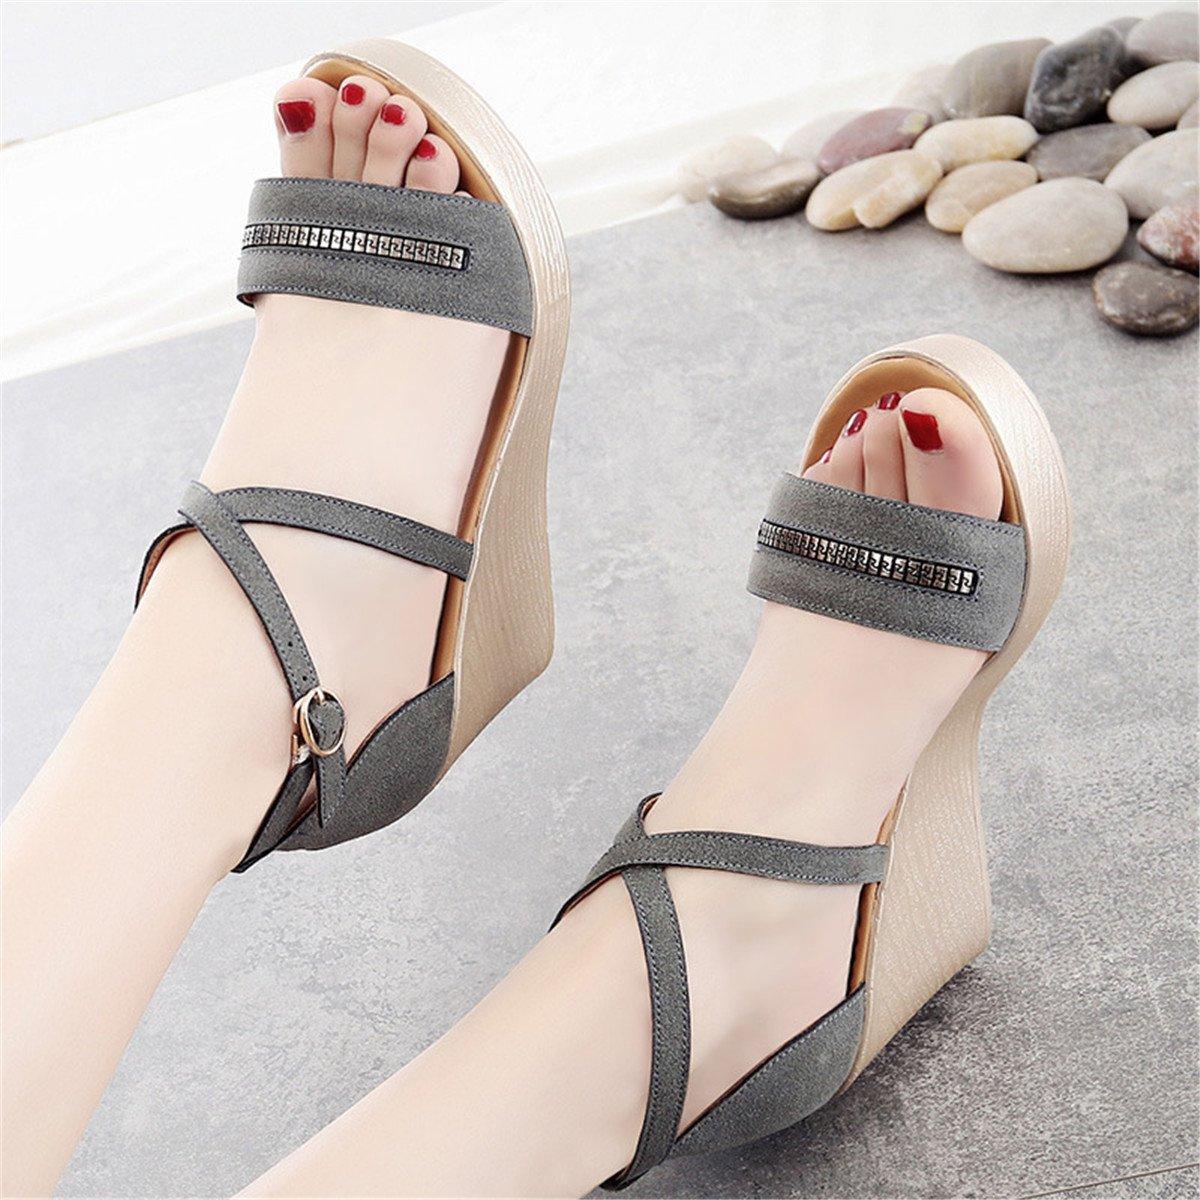 Woherren schuhe Comfort Sandals Walking schuhe   Damen Sandalen   Sandalette Damen Mode Sandalen   Singapur   dick mit Sandalen Sandalen große Code